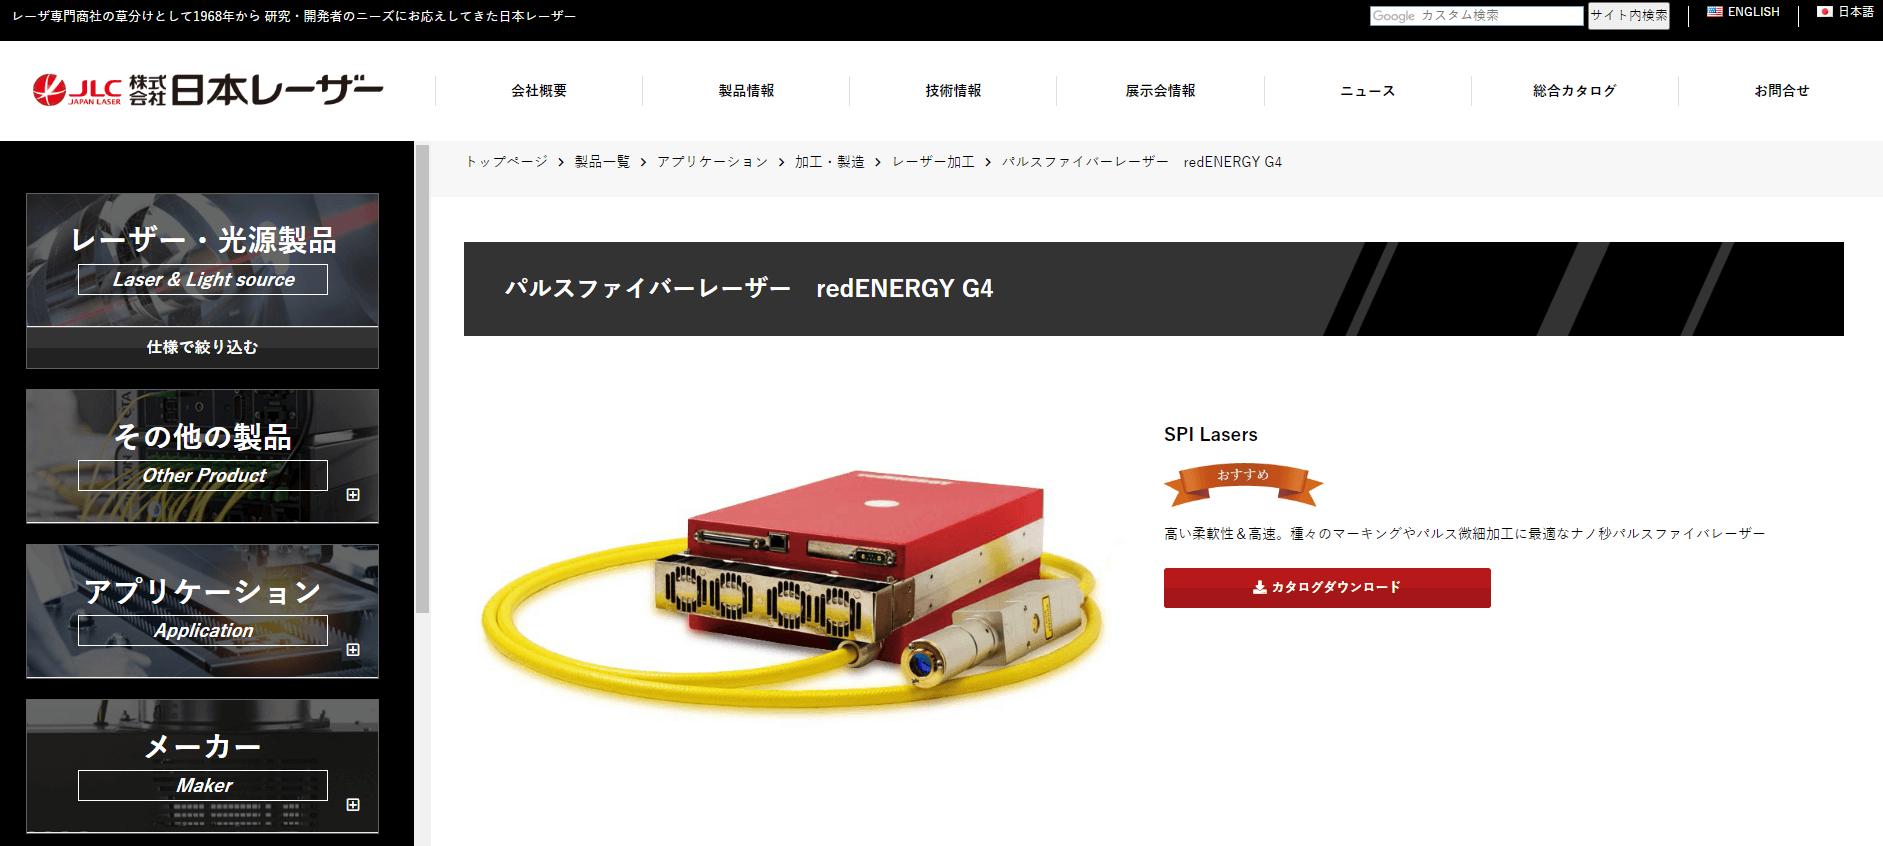 パルスファイバーレーザー redENERGY G4